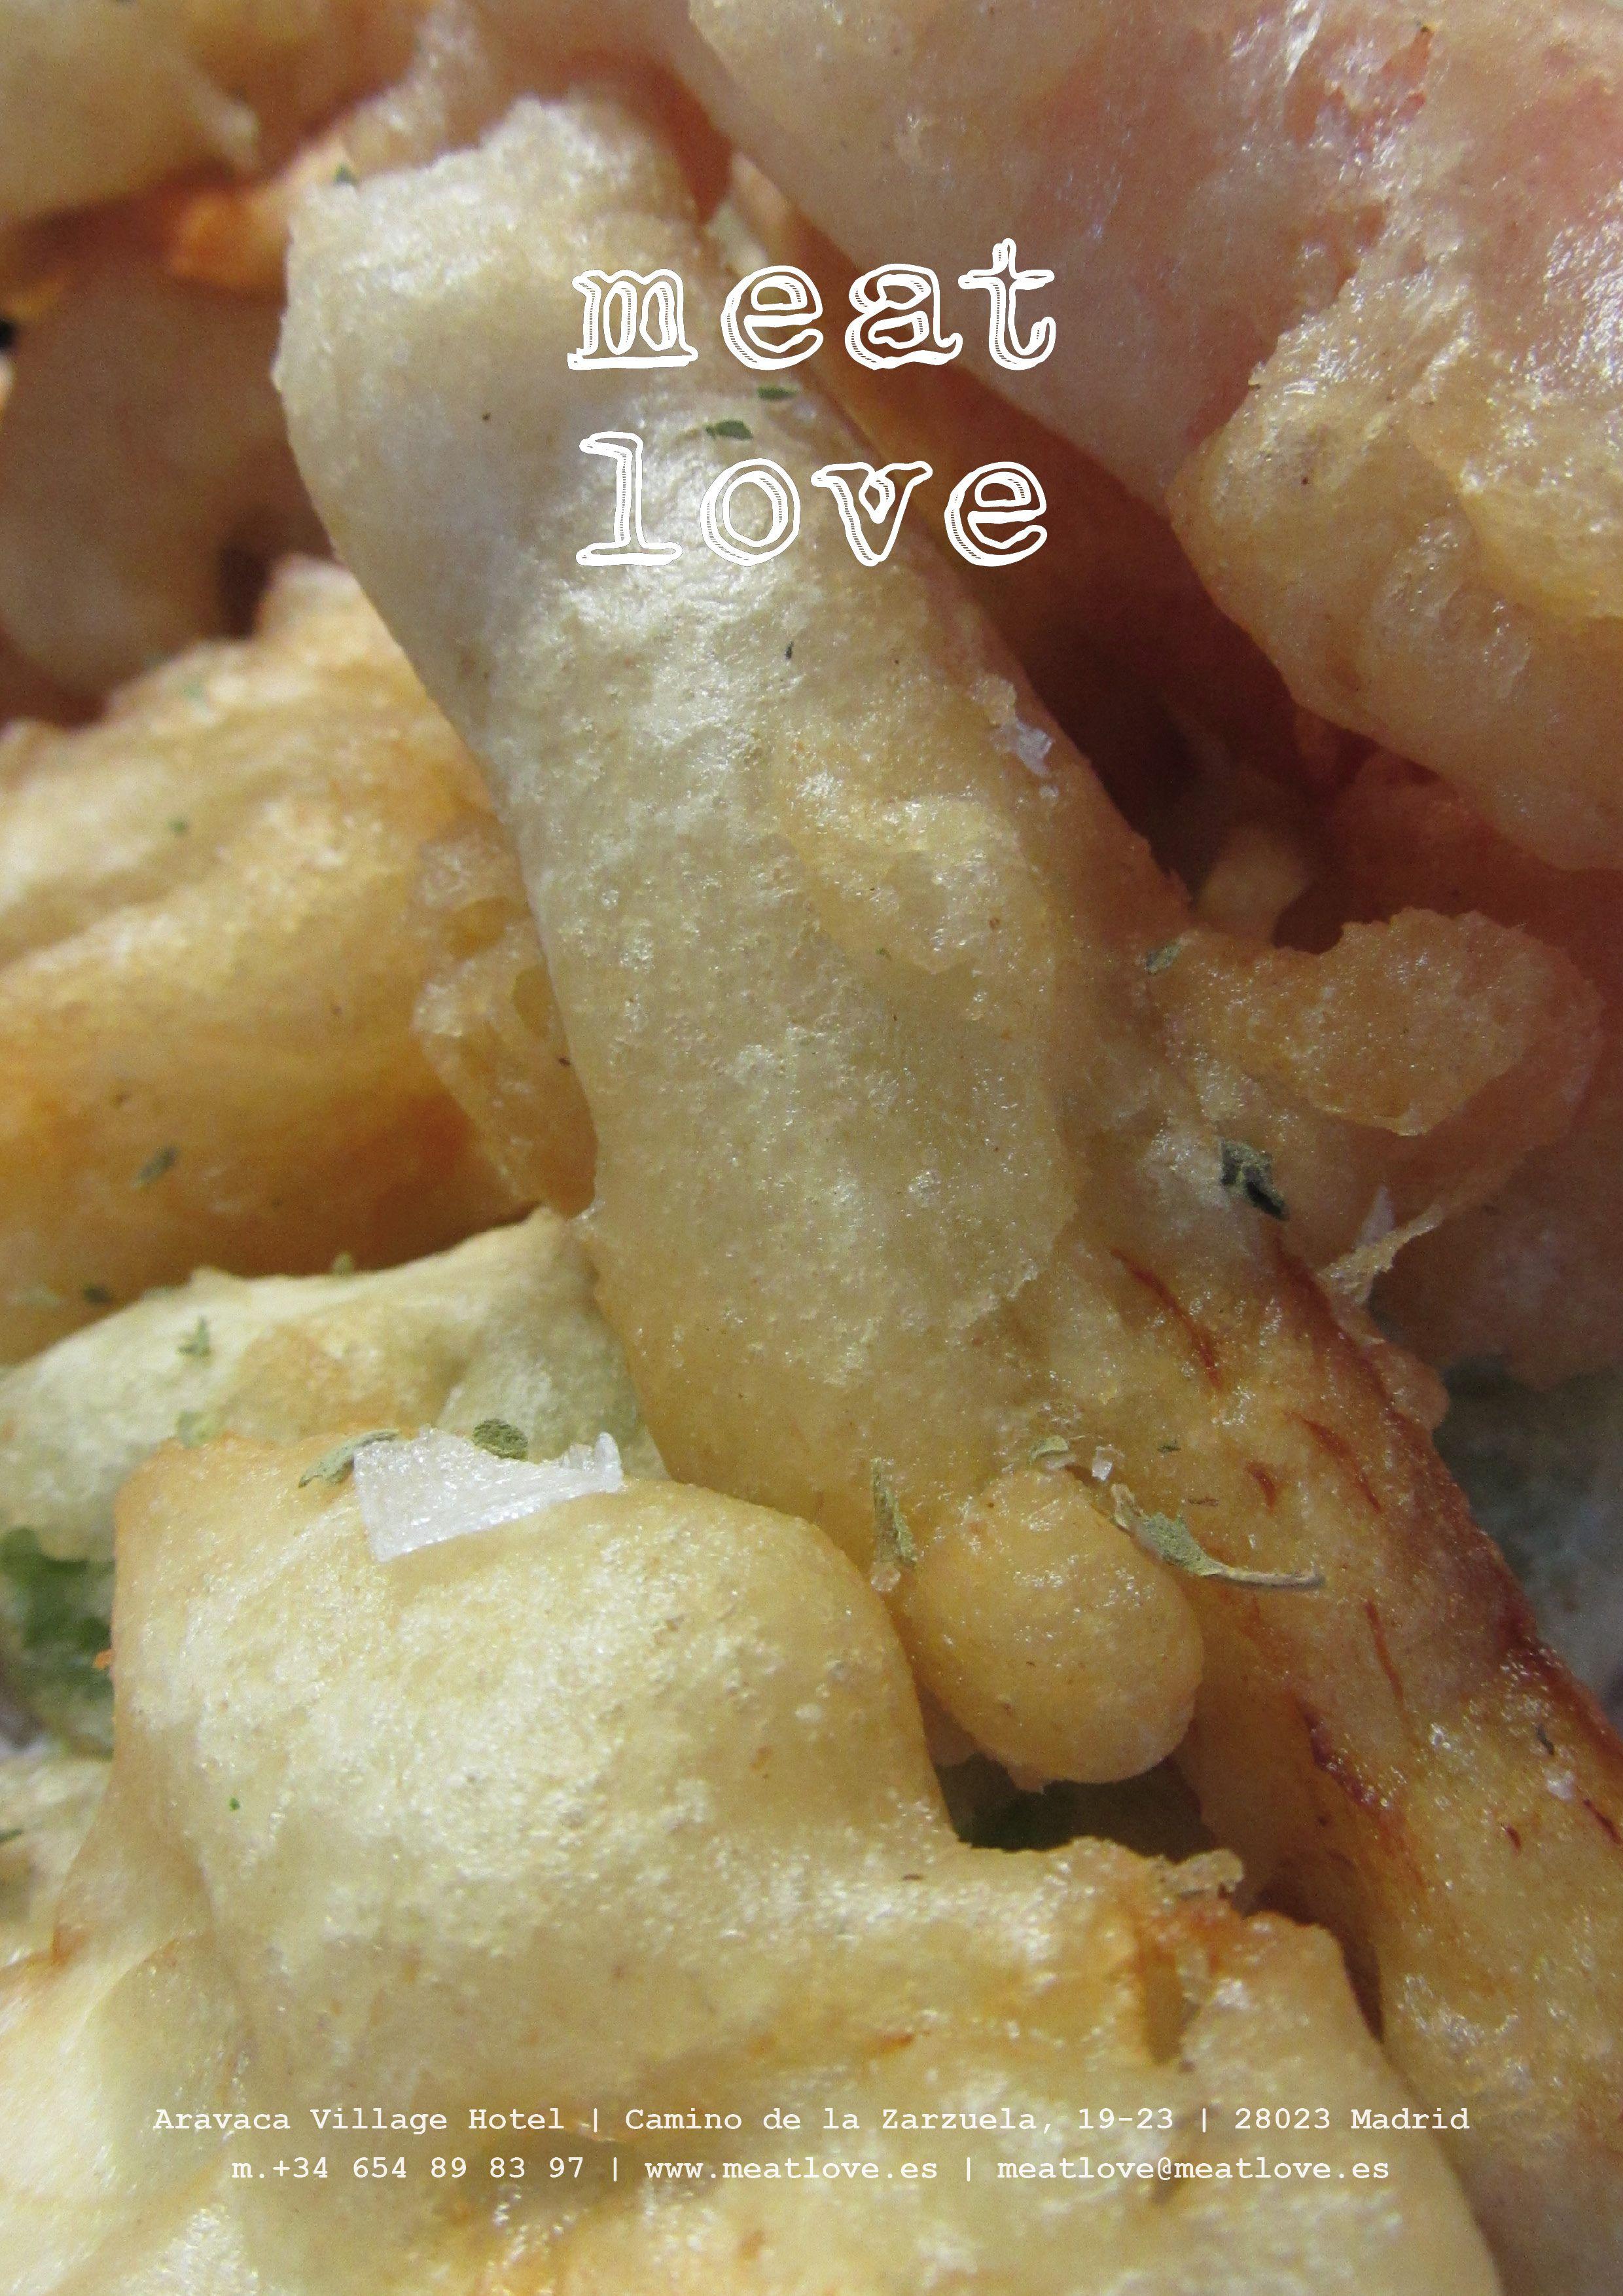 meat love | somos unos amantes de la carne, pero también elaboramos en NUESTRA COCINA PRODUCTOS 100% VEGETALES como estas verduras en tempura: ¡riquísimas!